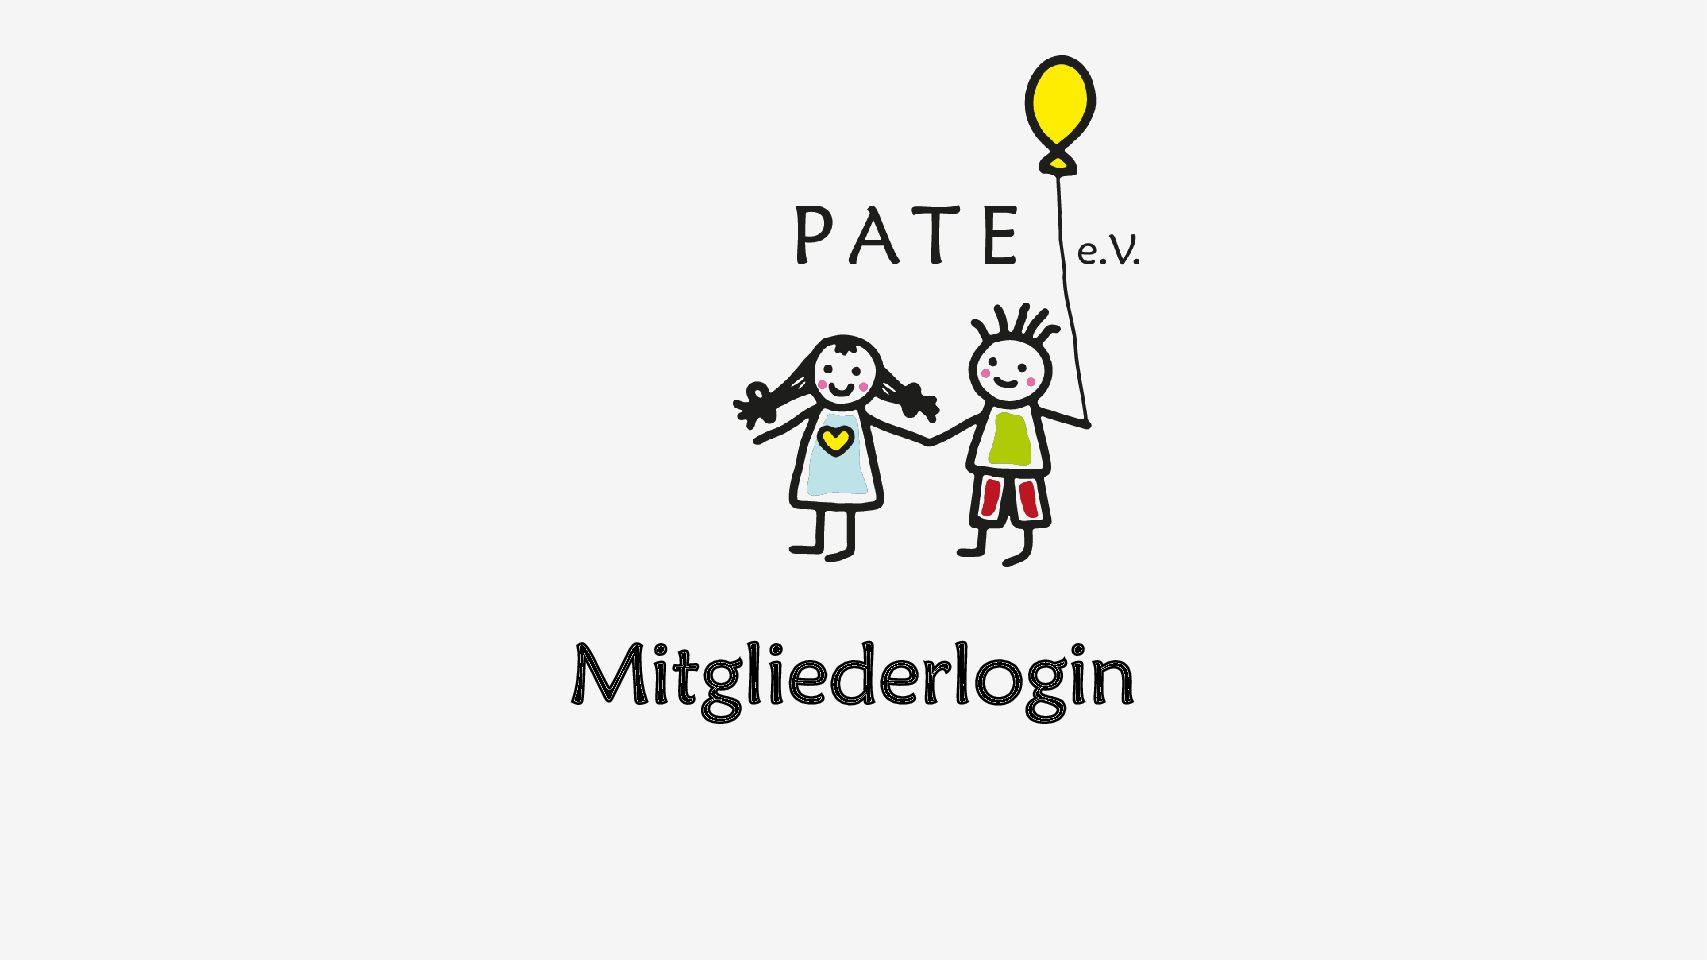 Mitgliederlogin für Mitglieder von PATE e.V.